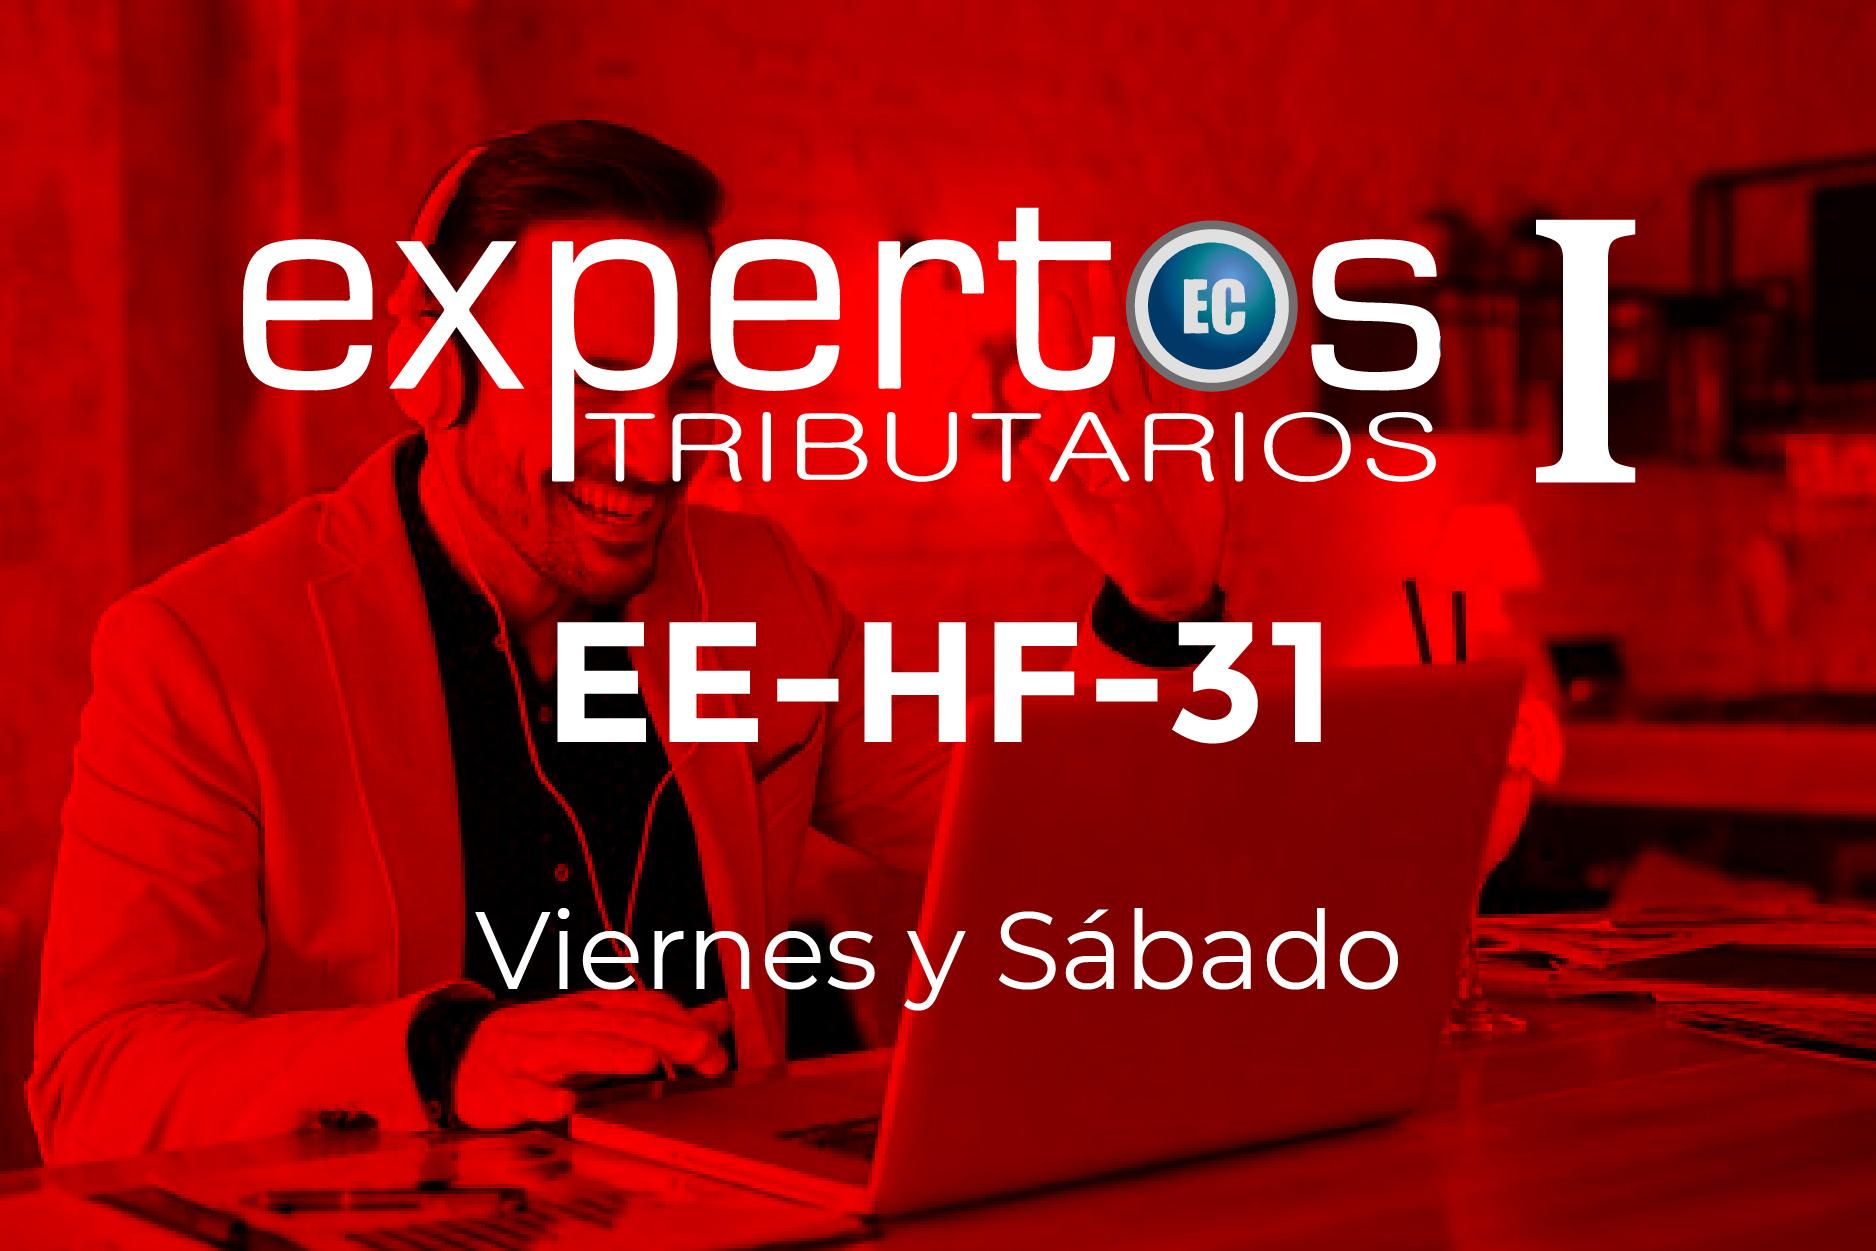 31 - EXPERTOS TRIBUTARIOS - VIERNES Y SÁBADO